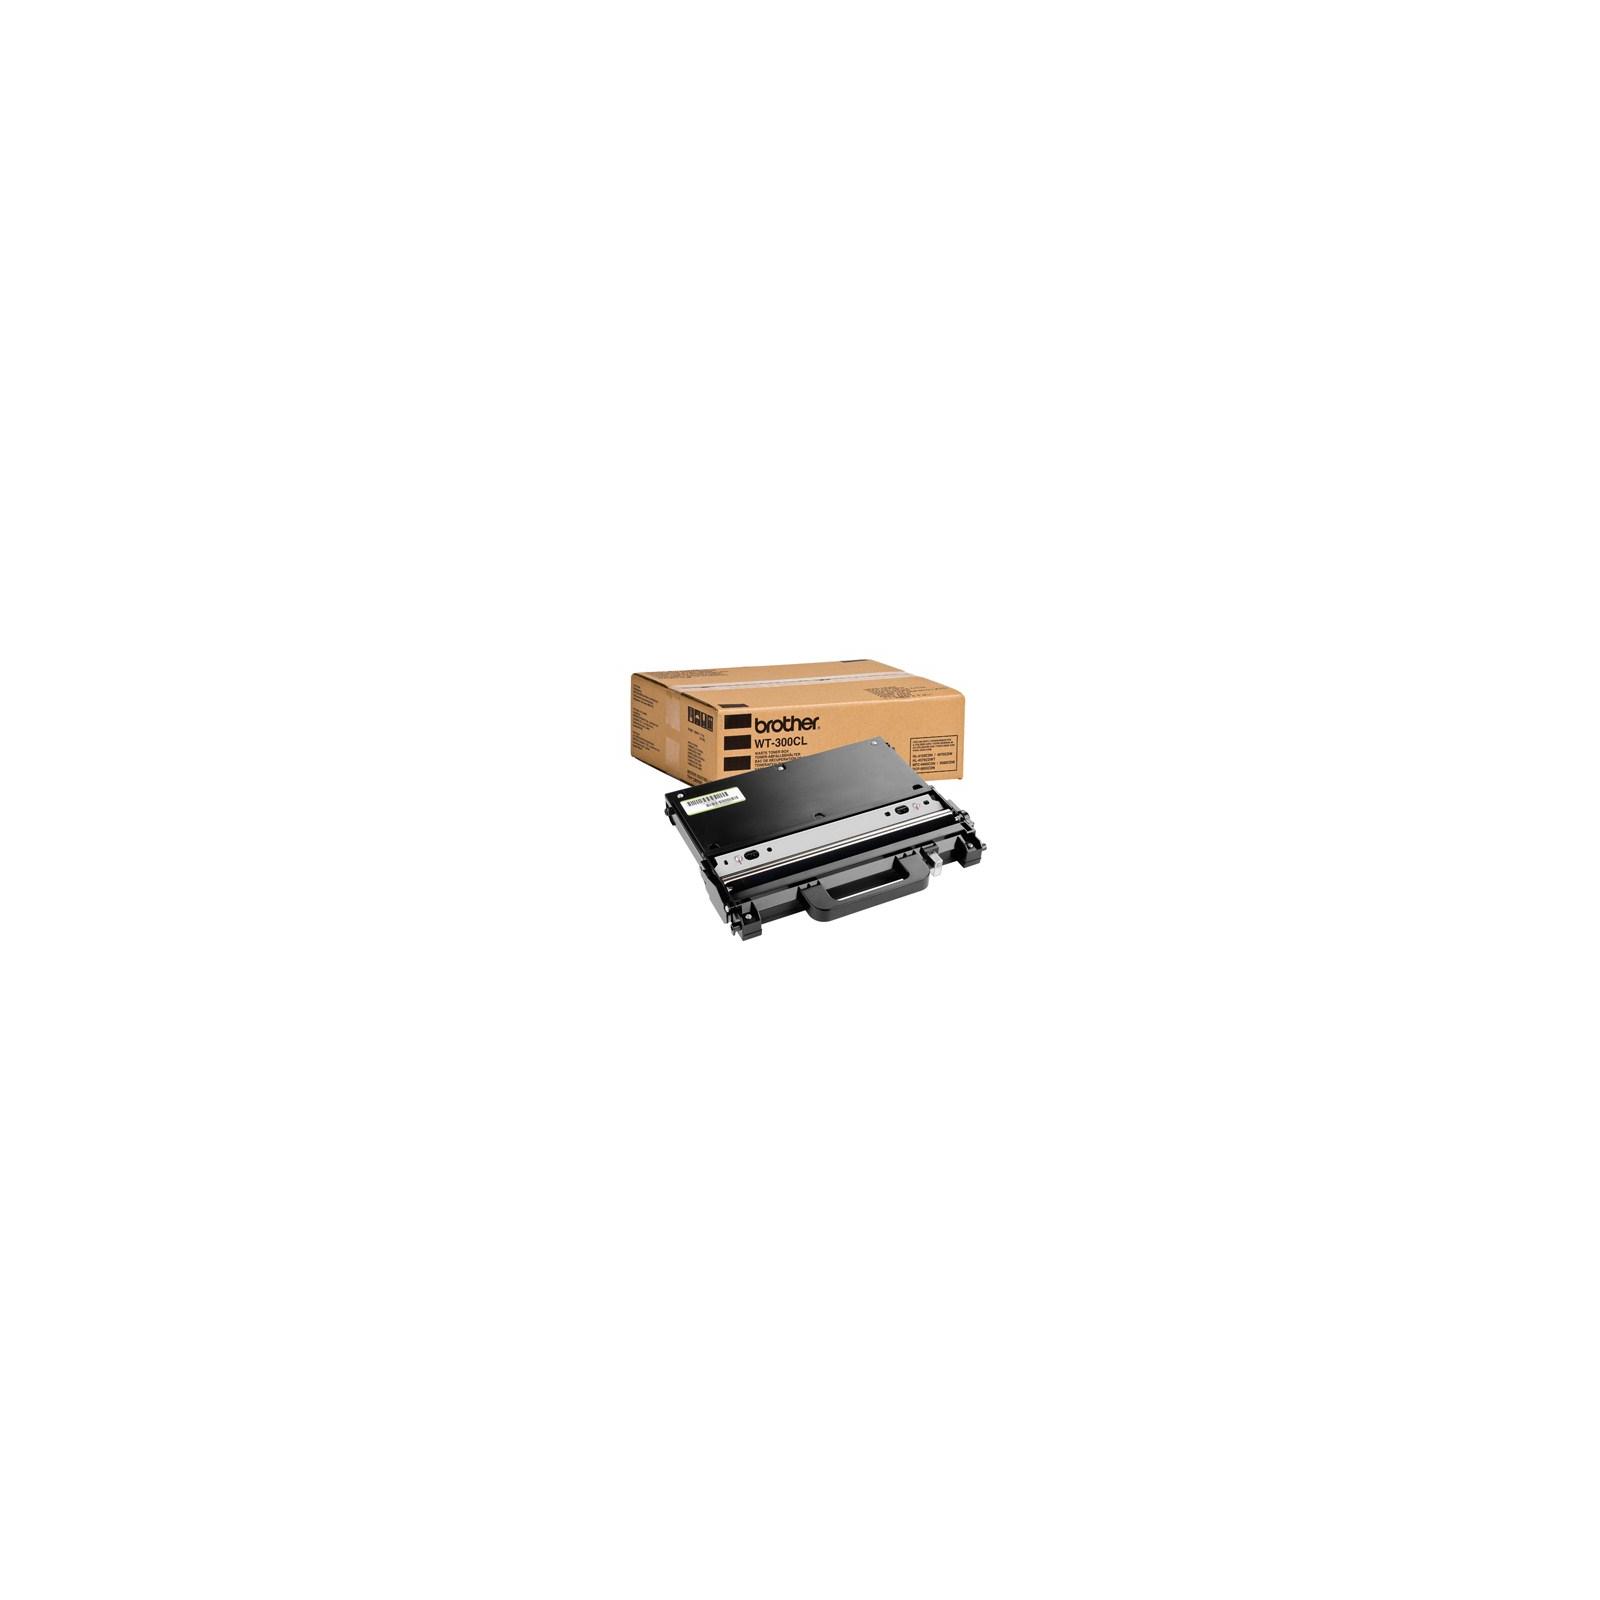 Сборник отработанного тонера Brother для HL-4150CDN / MFC-9465CDN (WT300CL)